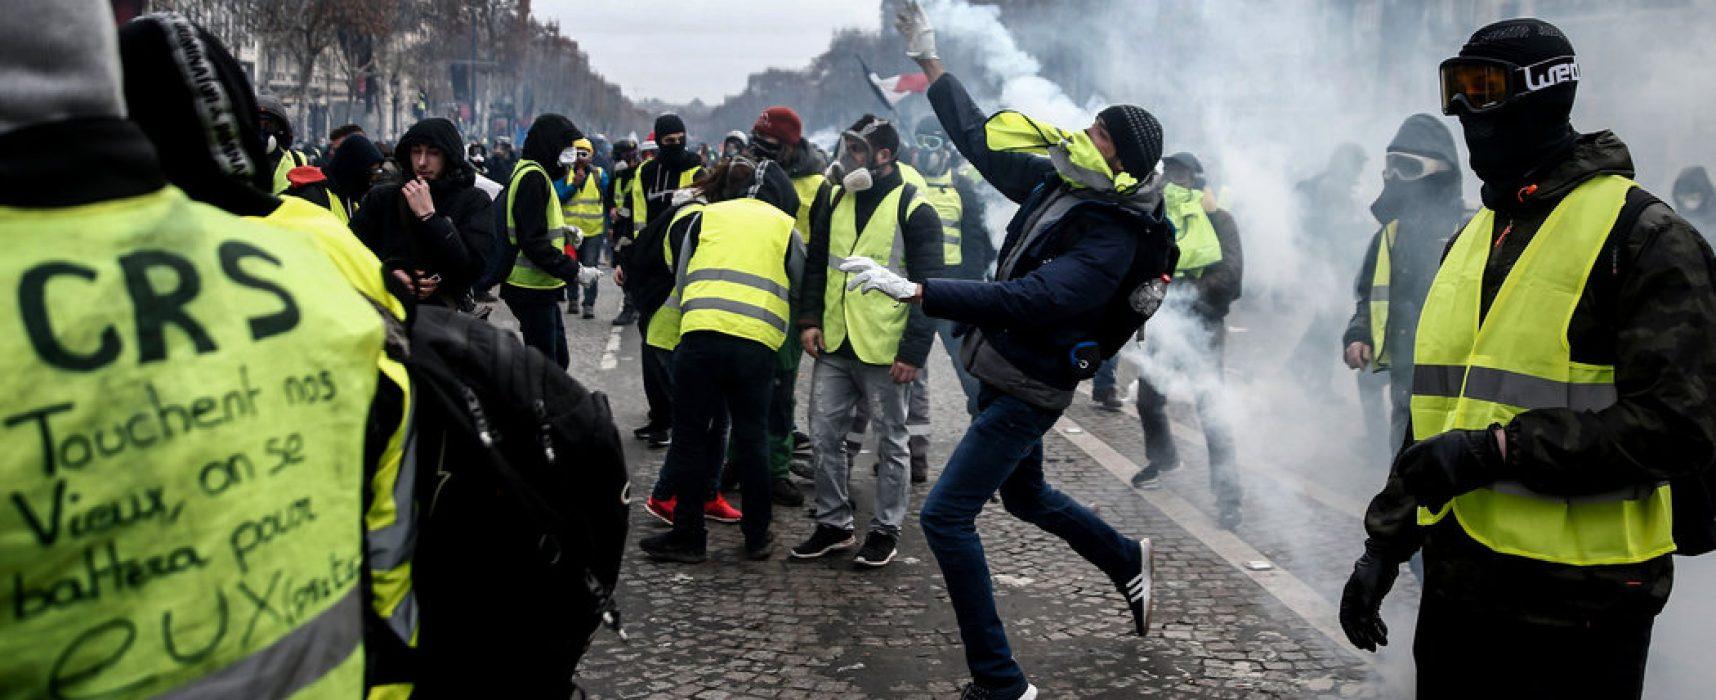 Фейк программы «Время»: во Франции работают специальные курсы по обучению участников массовых беспорядков